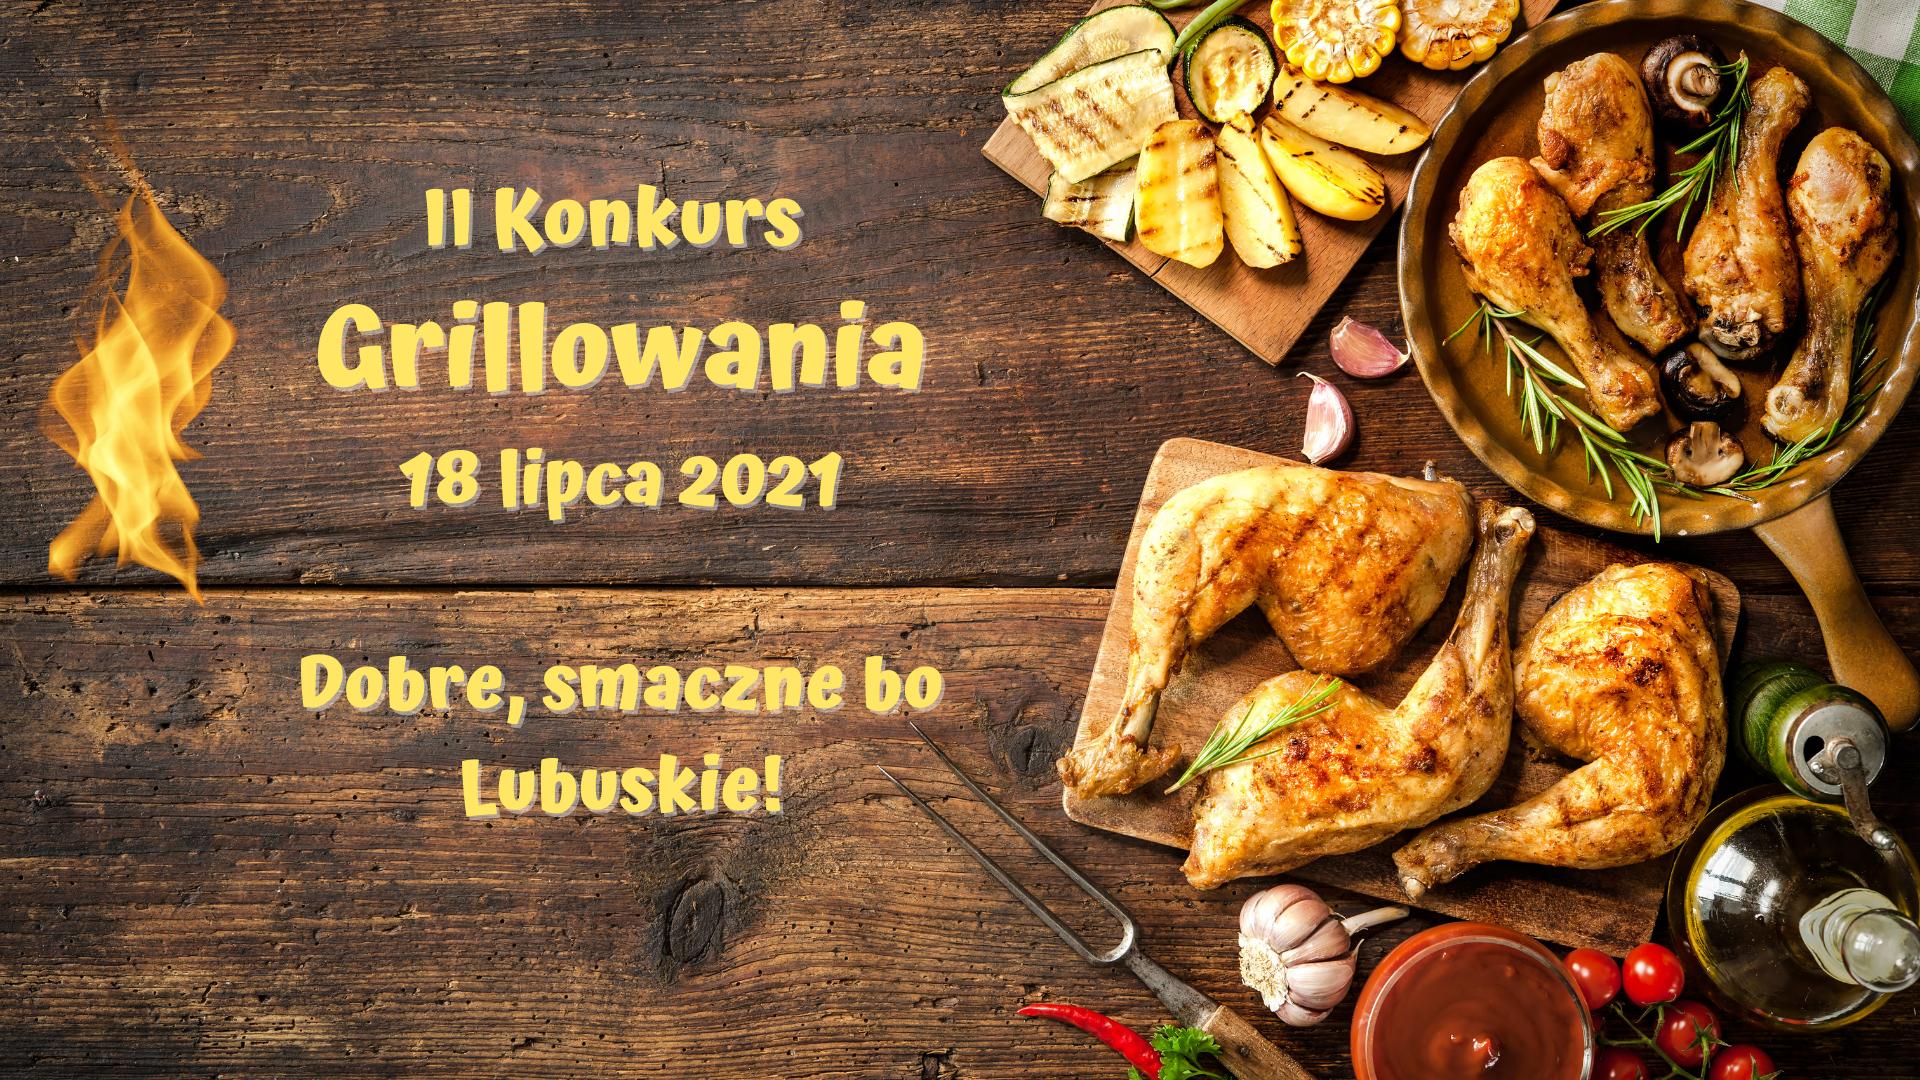 II Konkurs Grillowania 18 lipca 2021 Dobre, smaczne bo lubuskie!